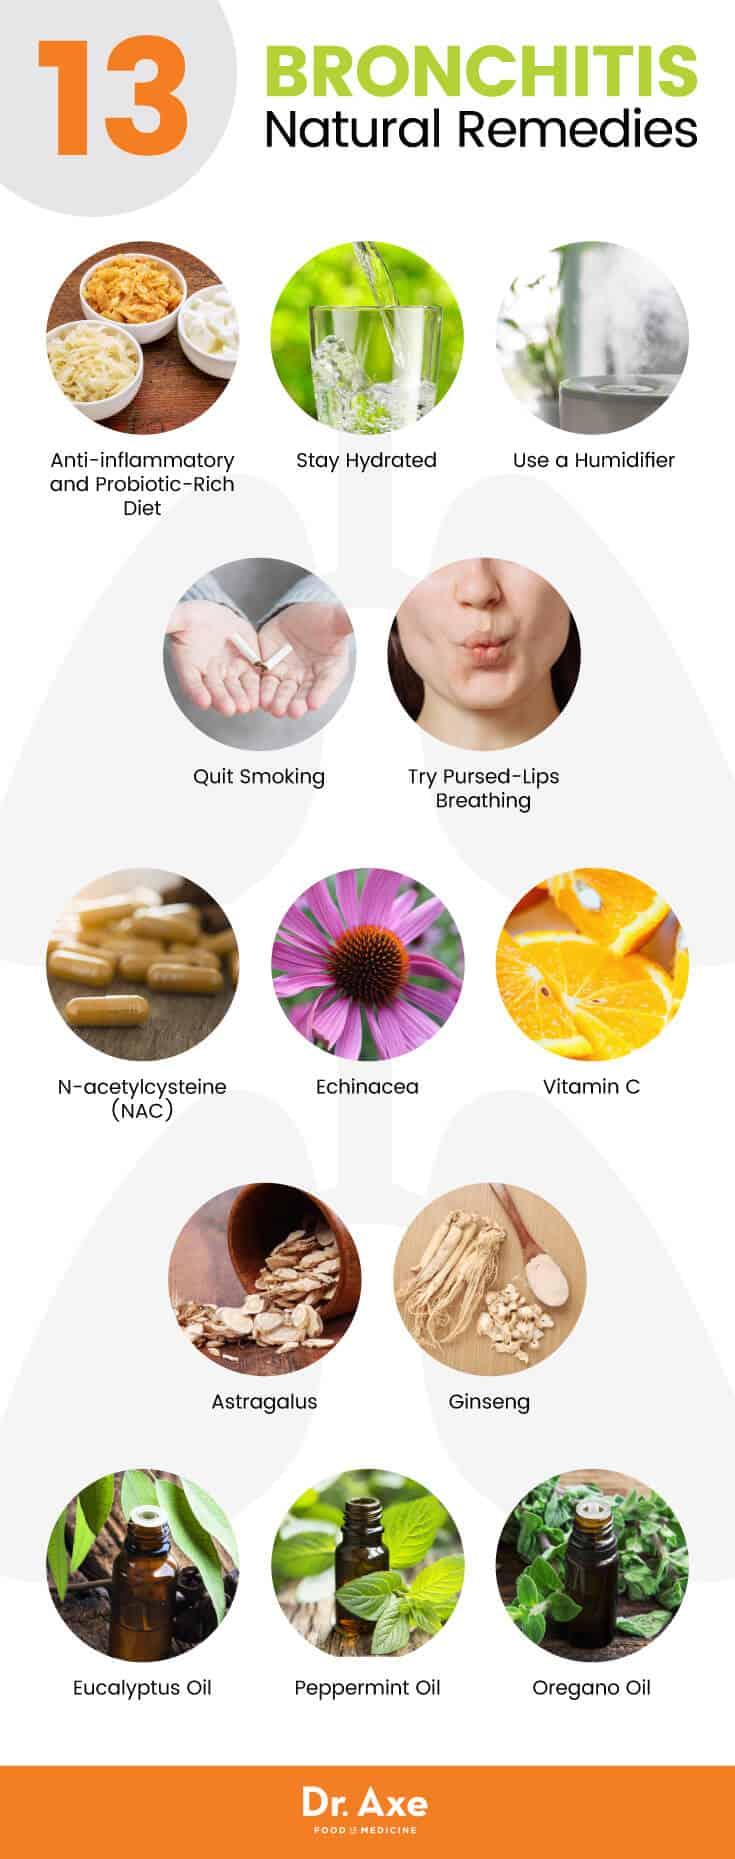 Bronchitis natural remedies